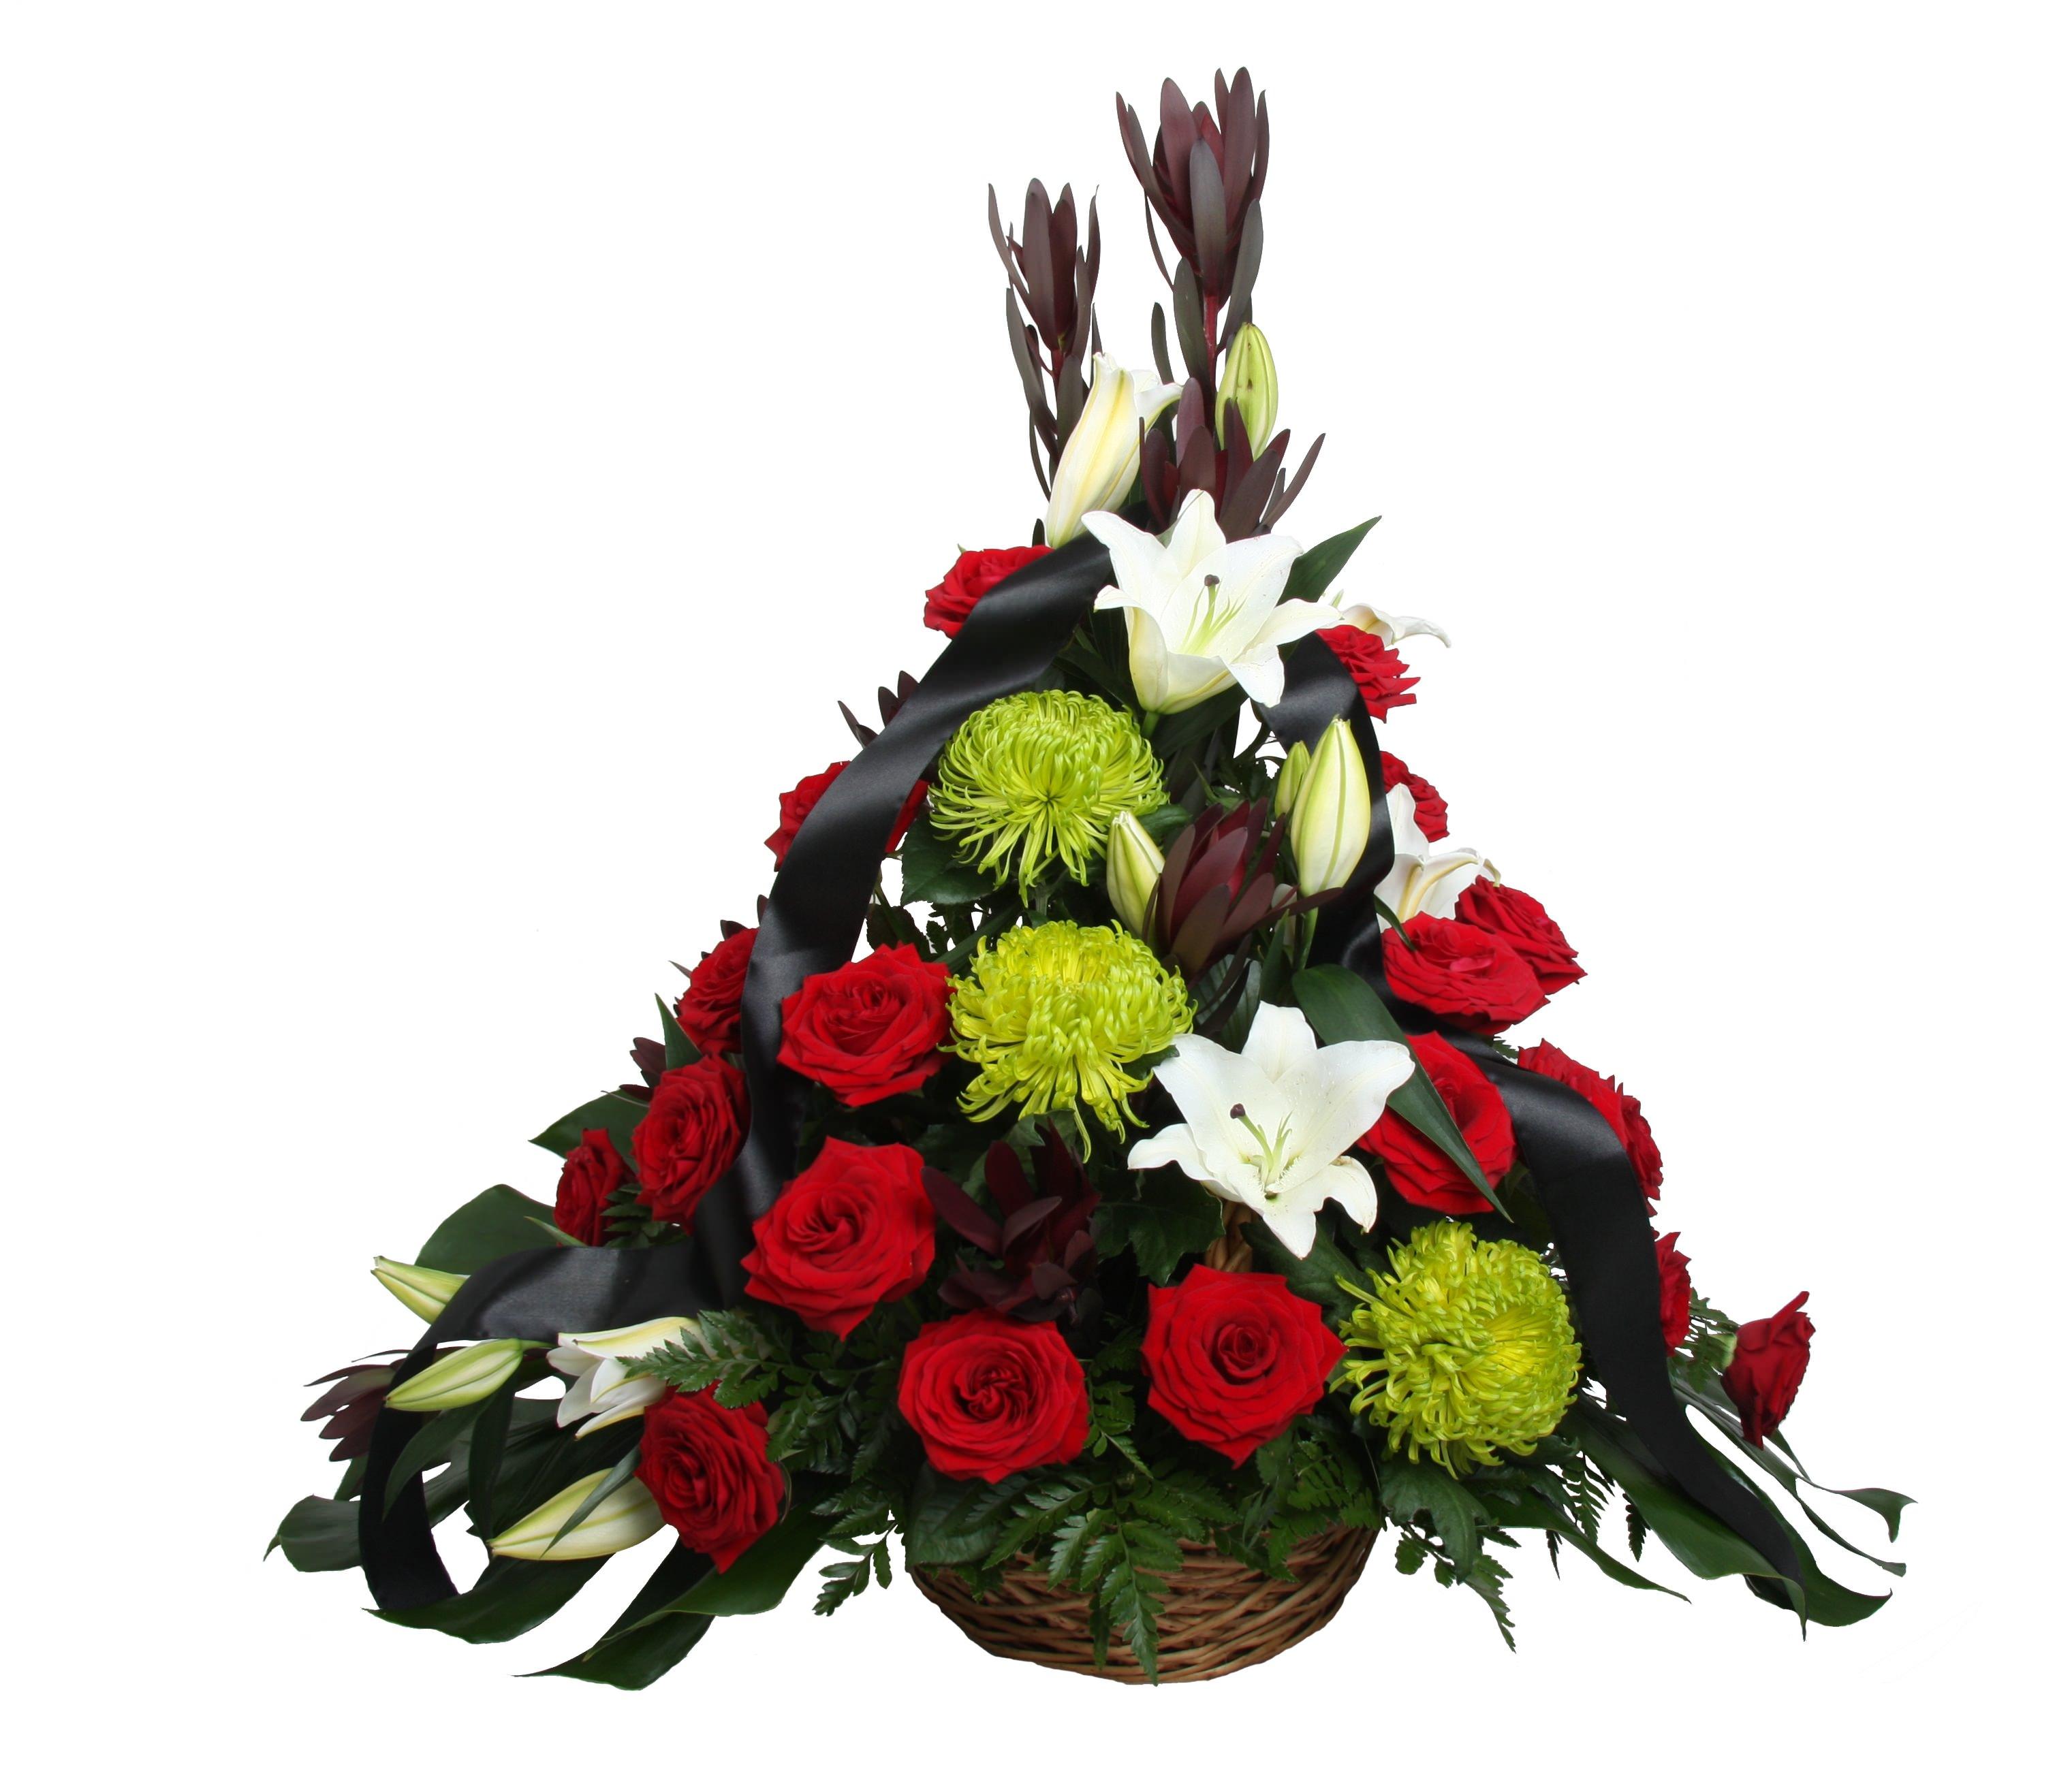 На похорон можно нести живые цветы какие цветы подходят для букета невесты